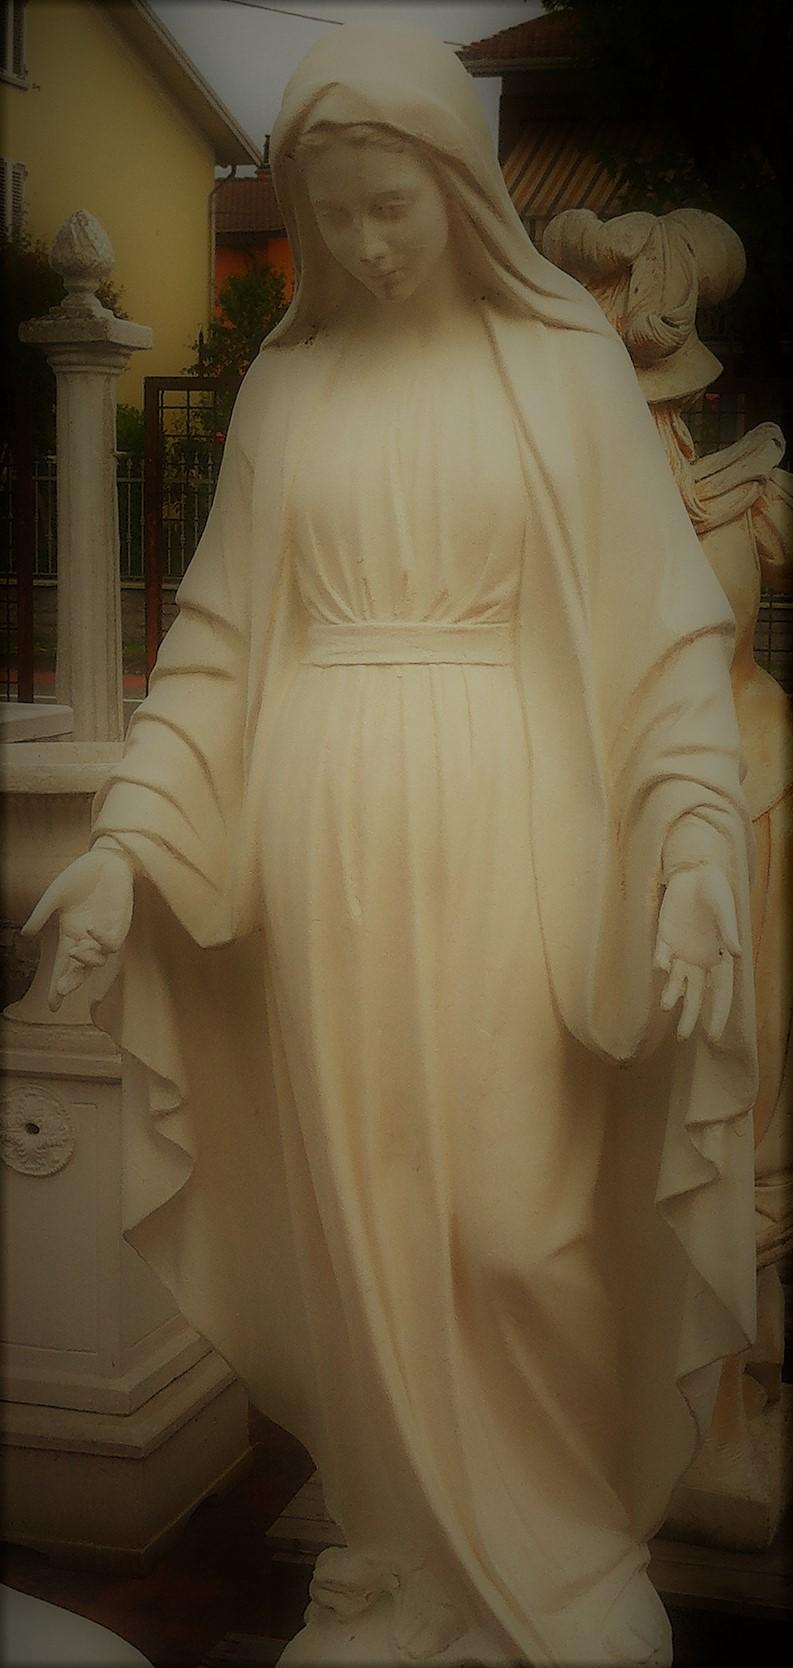 Svētās statujas